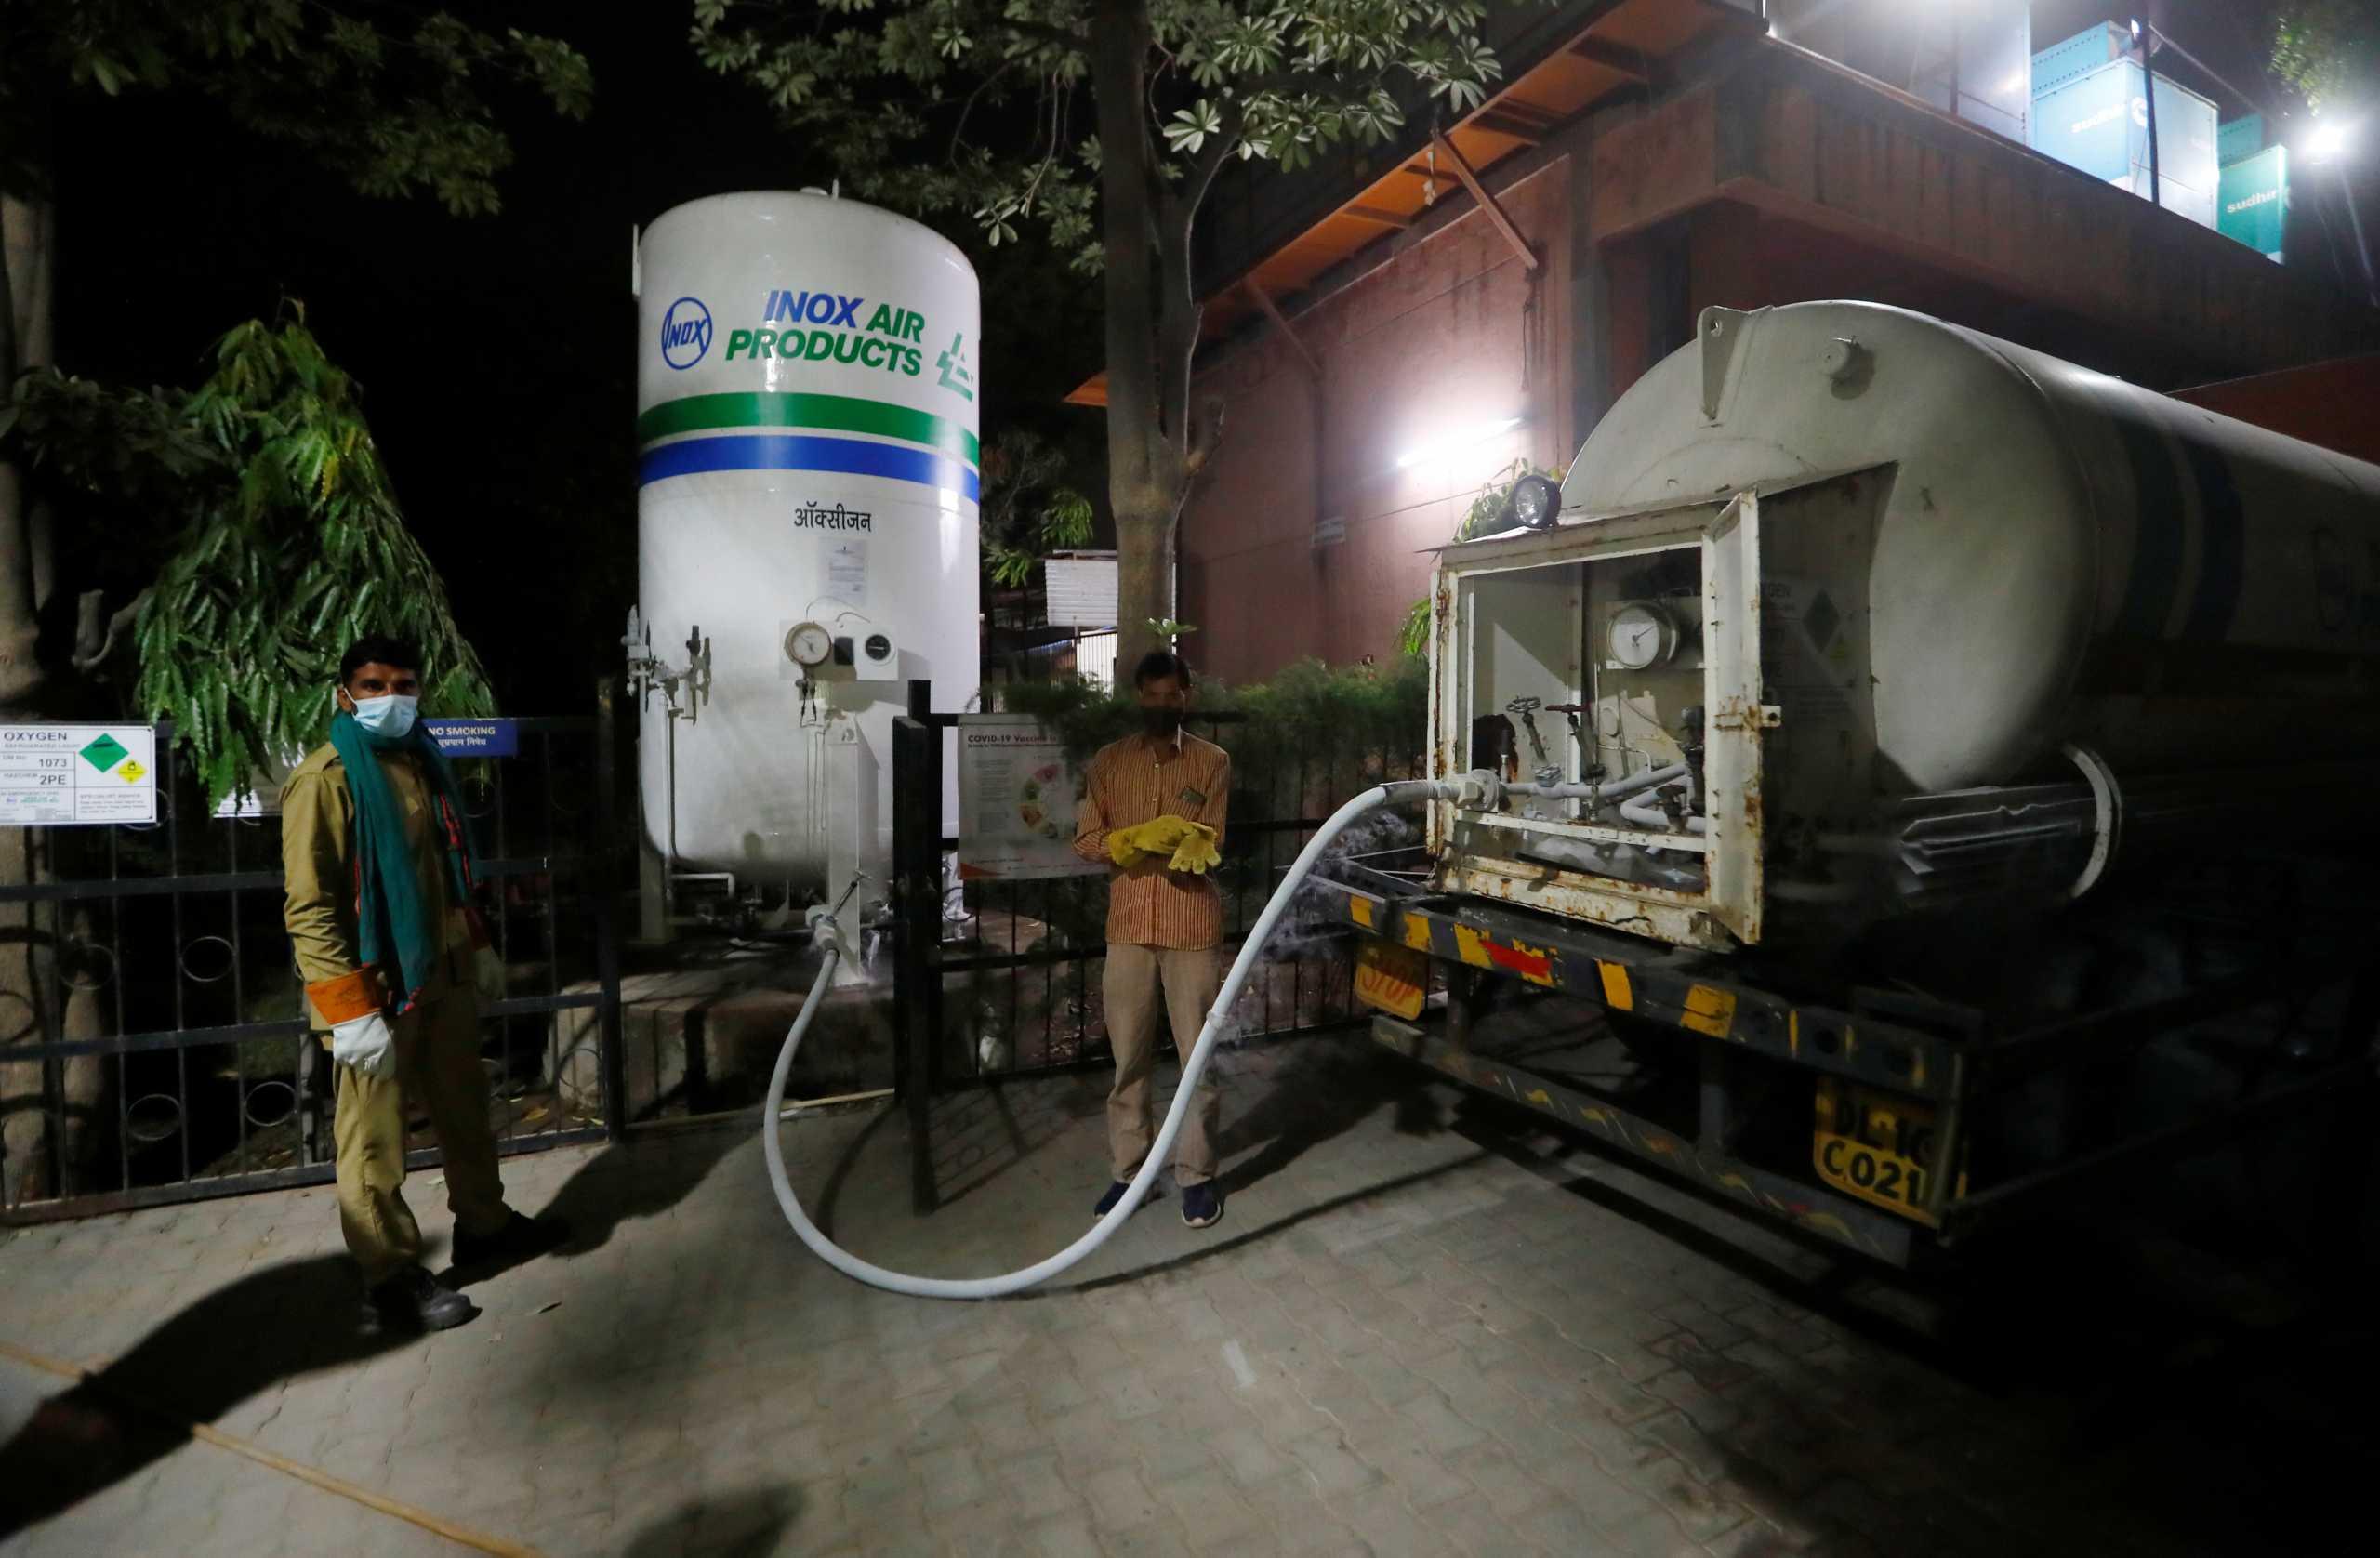 Ινδία: Με τη συνοδεία ένοπλων αστυνομικών πηγαίνουν οξυγόνο στα νοσοκομεία (pics, vids)